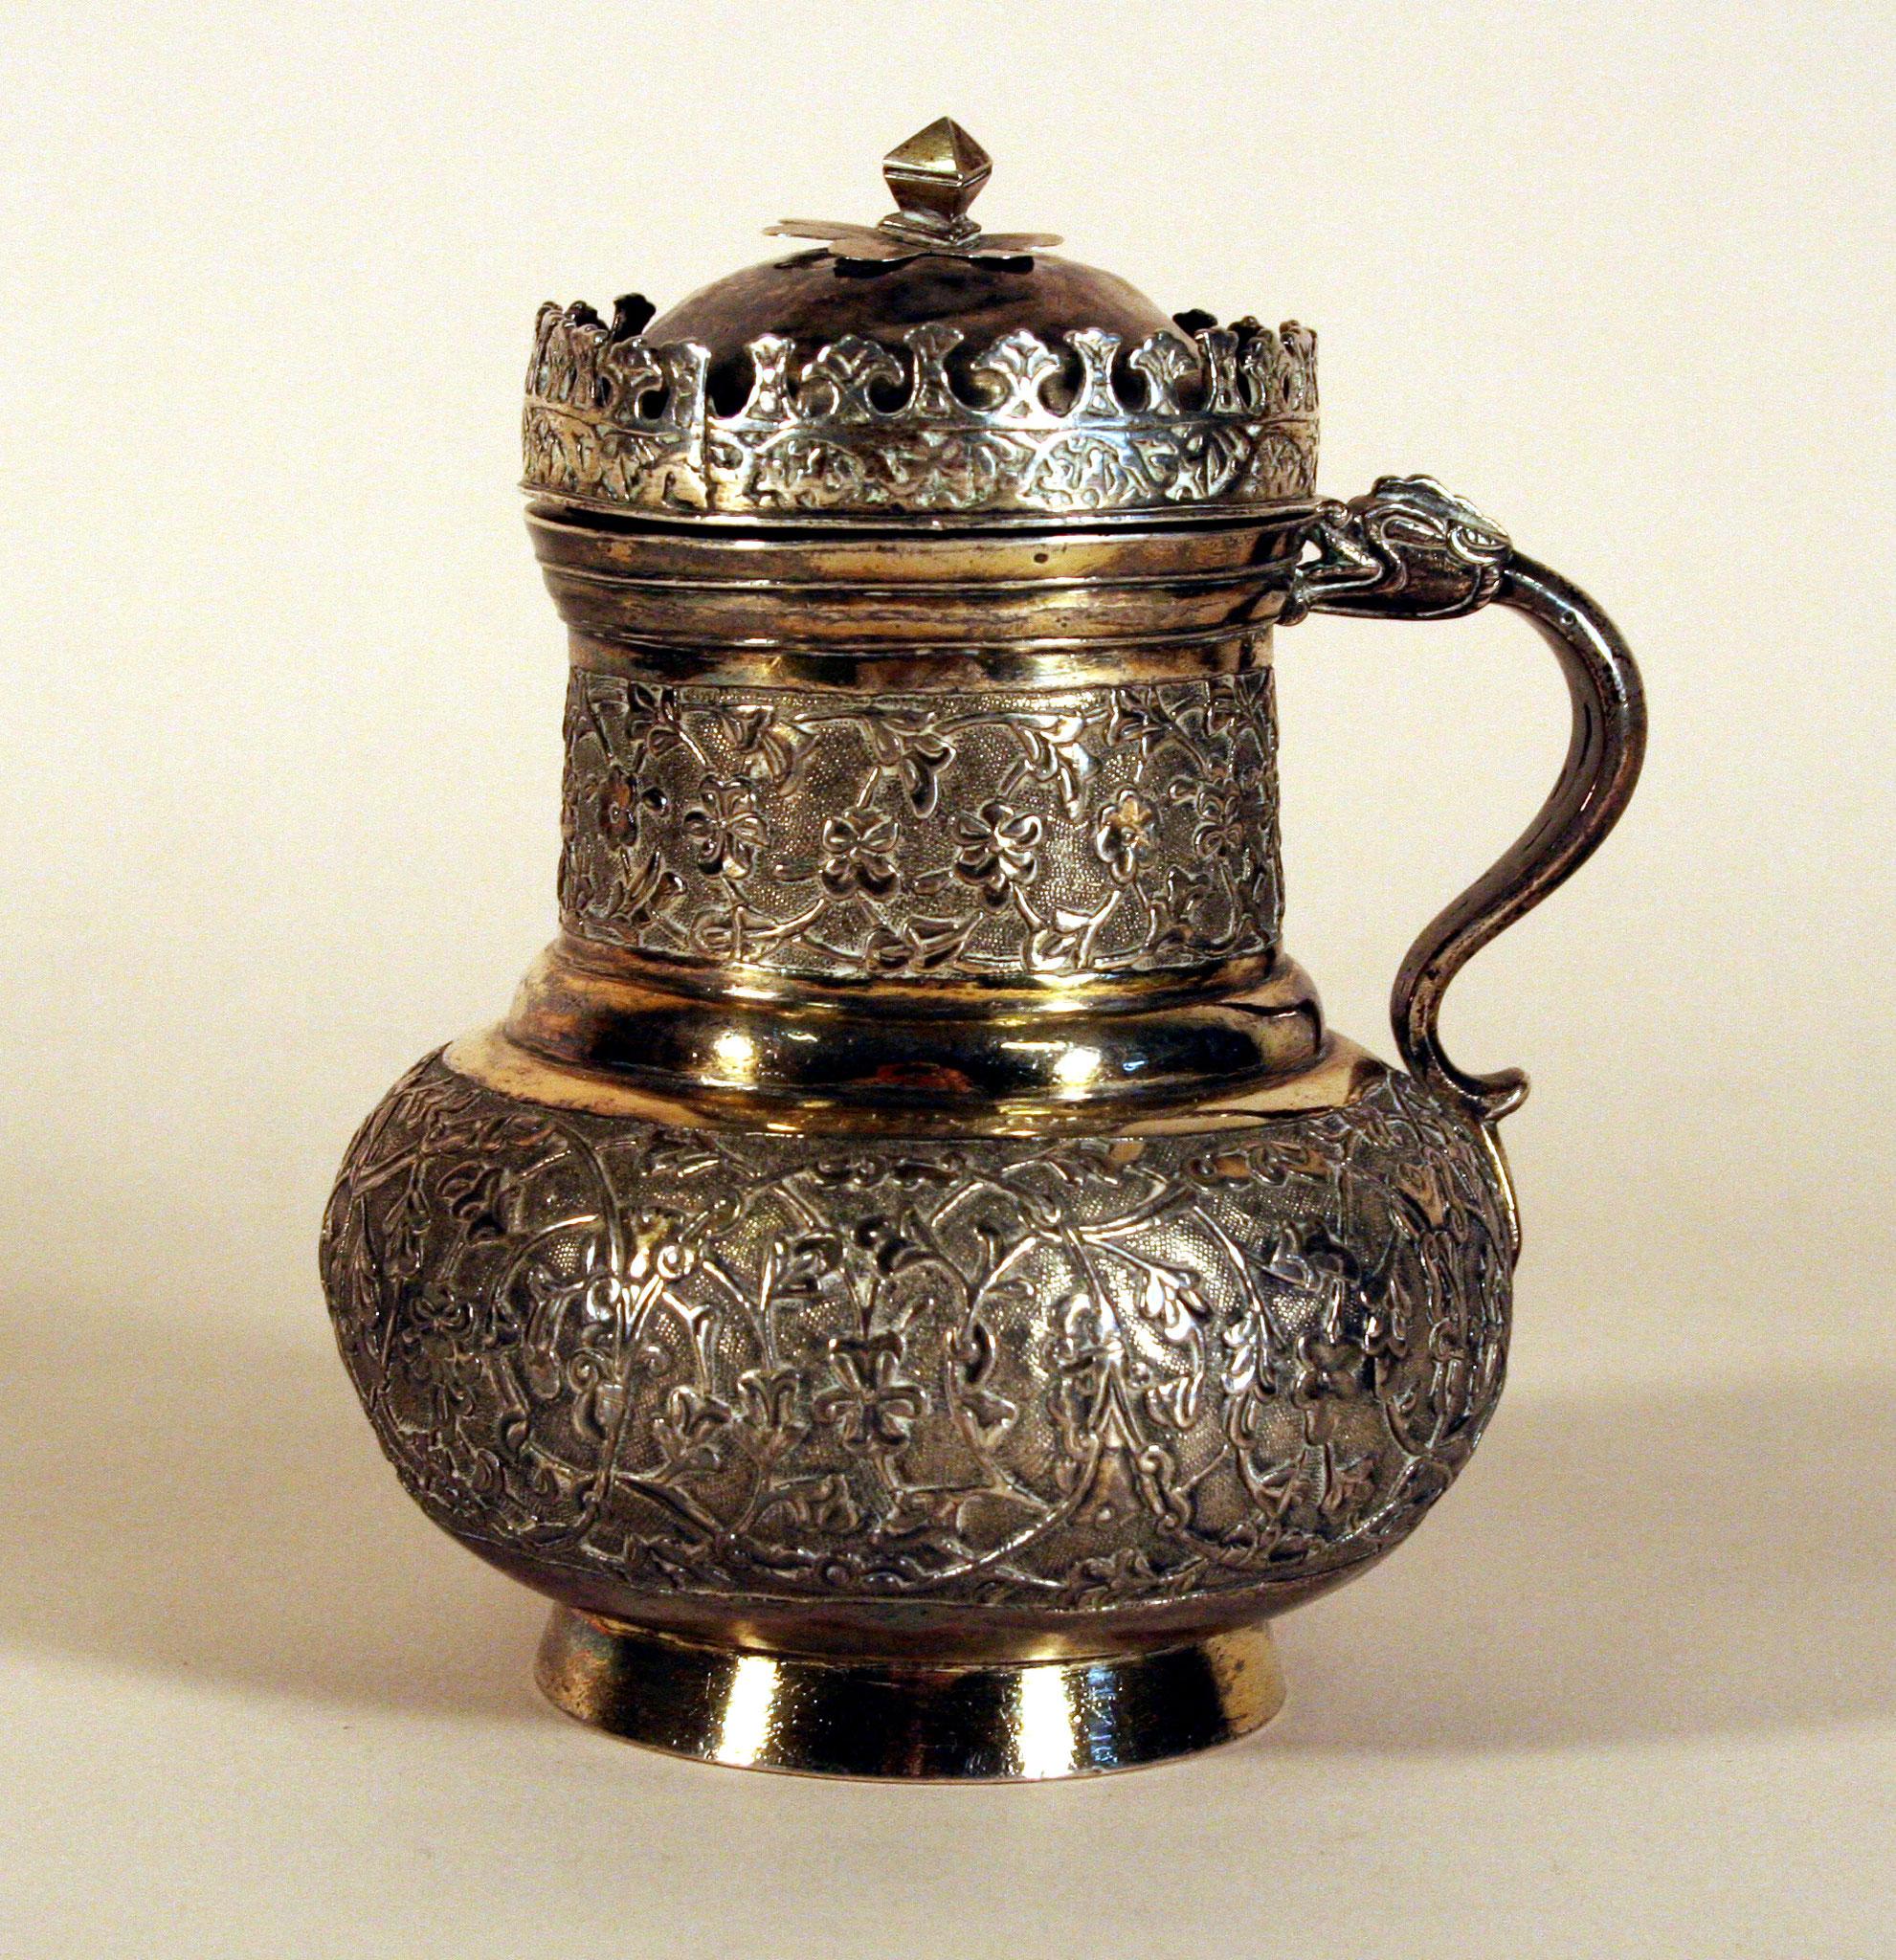 Adjugé 100 400 € - PICHET ottoman en argent, XVIe siècle, hauteur : 13.5 cm